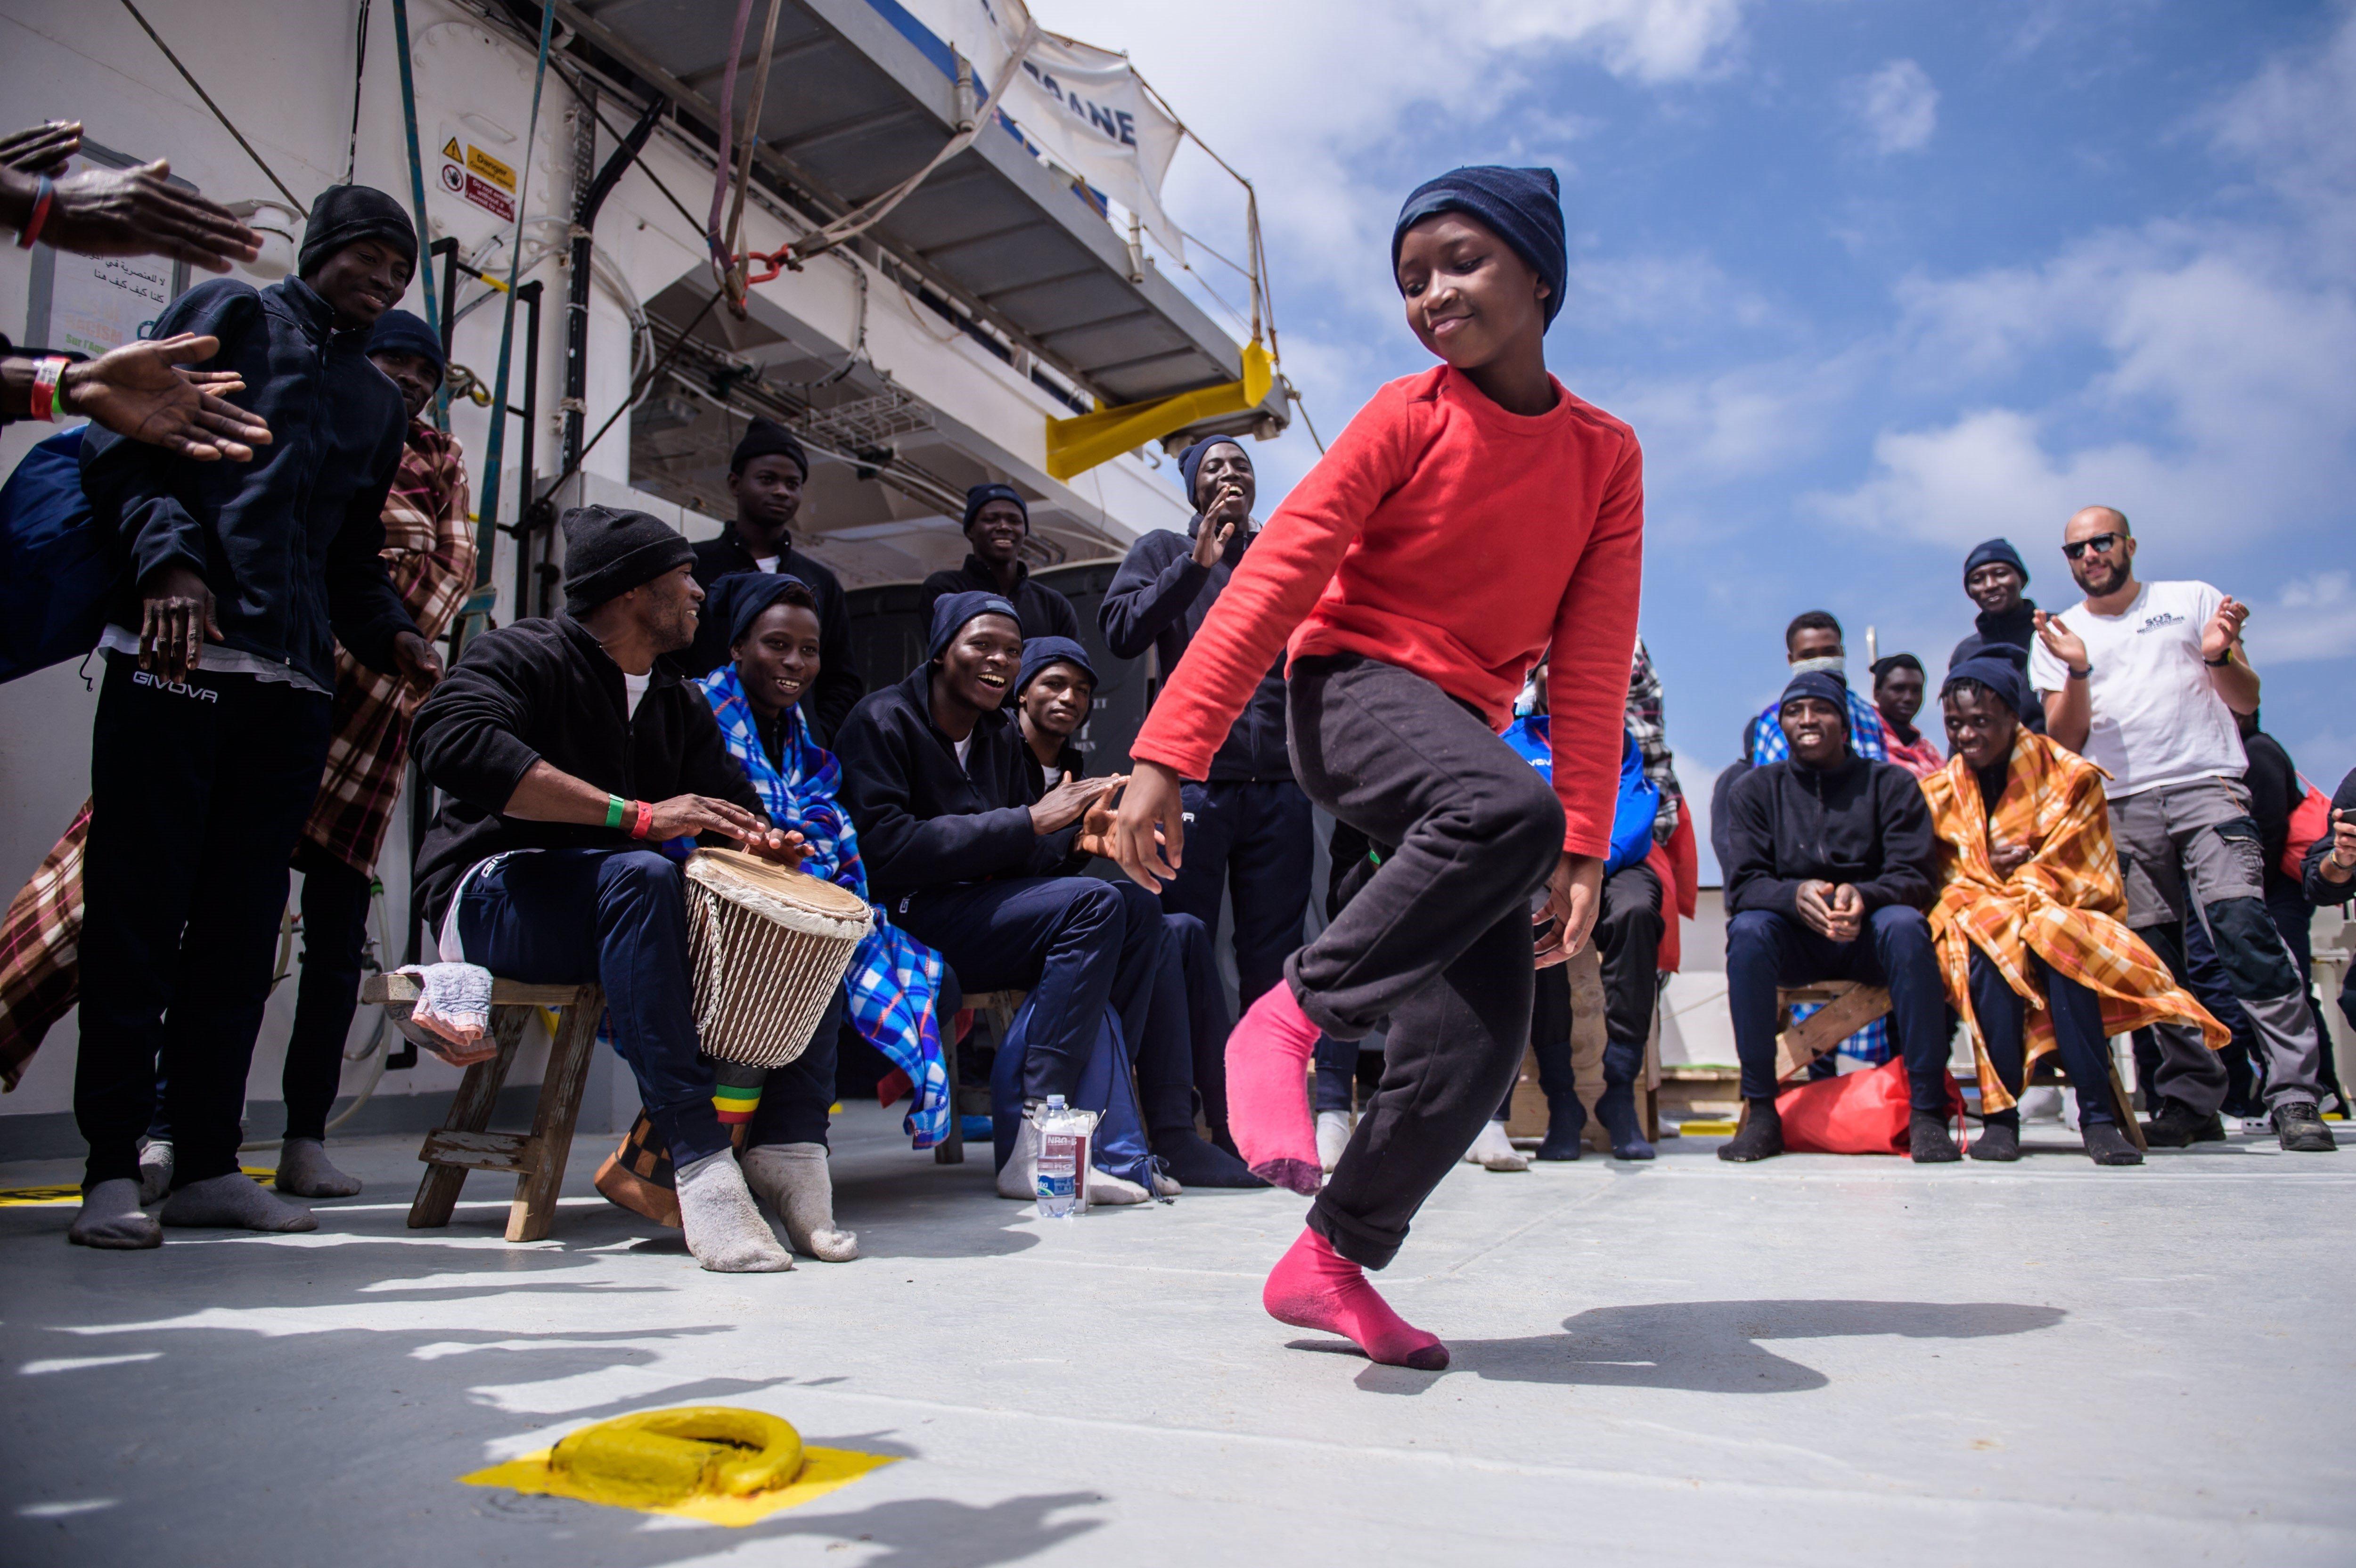 """Una nina balla al costat d'un grup d'immigrants a bord de l'embarcació """"Aquarius"""" un dia després de ser rescatats per membres de l'ONG """"SOS Mediterranée"""", durant una operació a uns 50 km de la costa de Líbia. Almenys 164 persones varen ser rescatades mentre intentaven arribar a Europa. /CHRISTOPHE PETIT TESSON"""